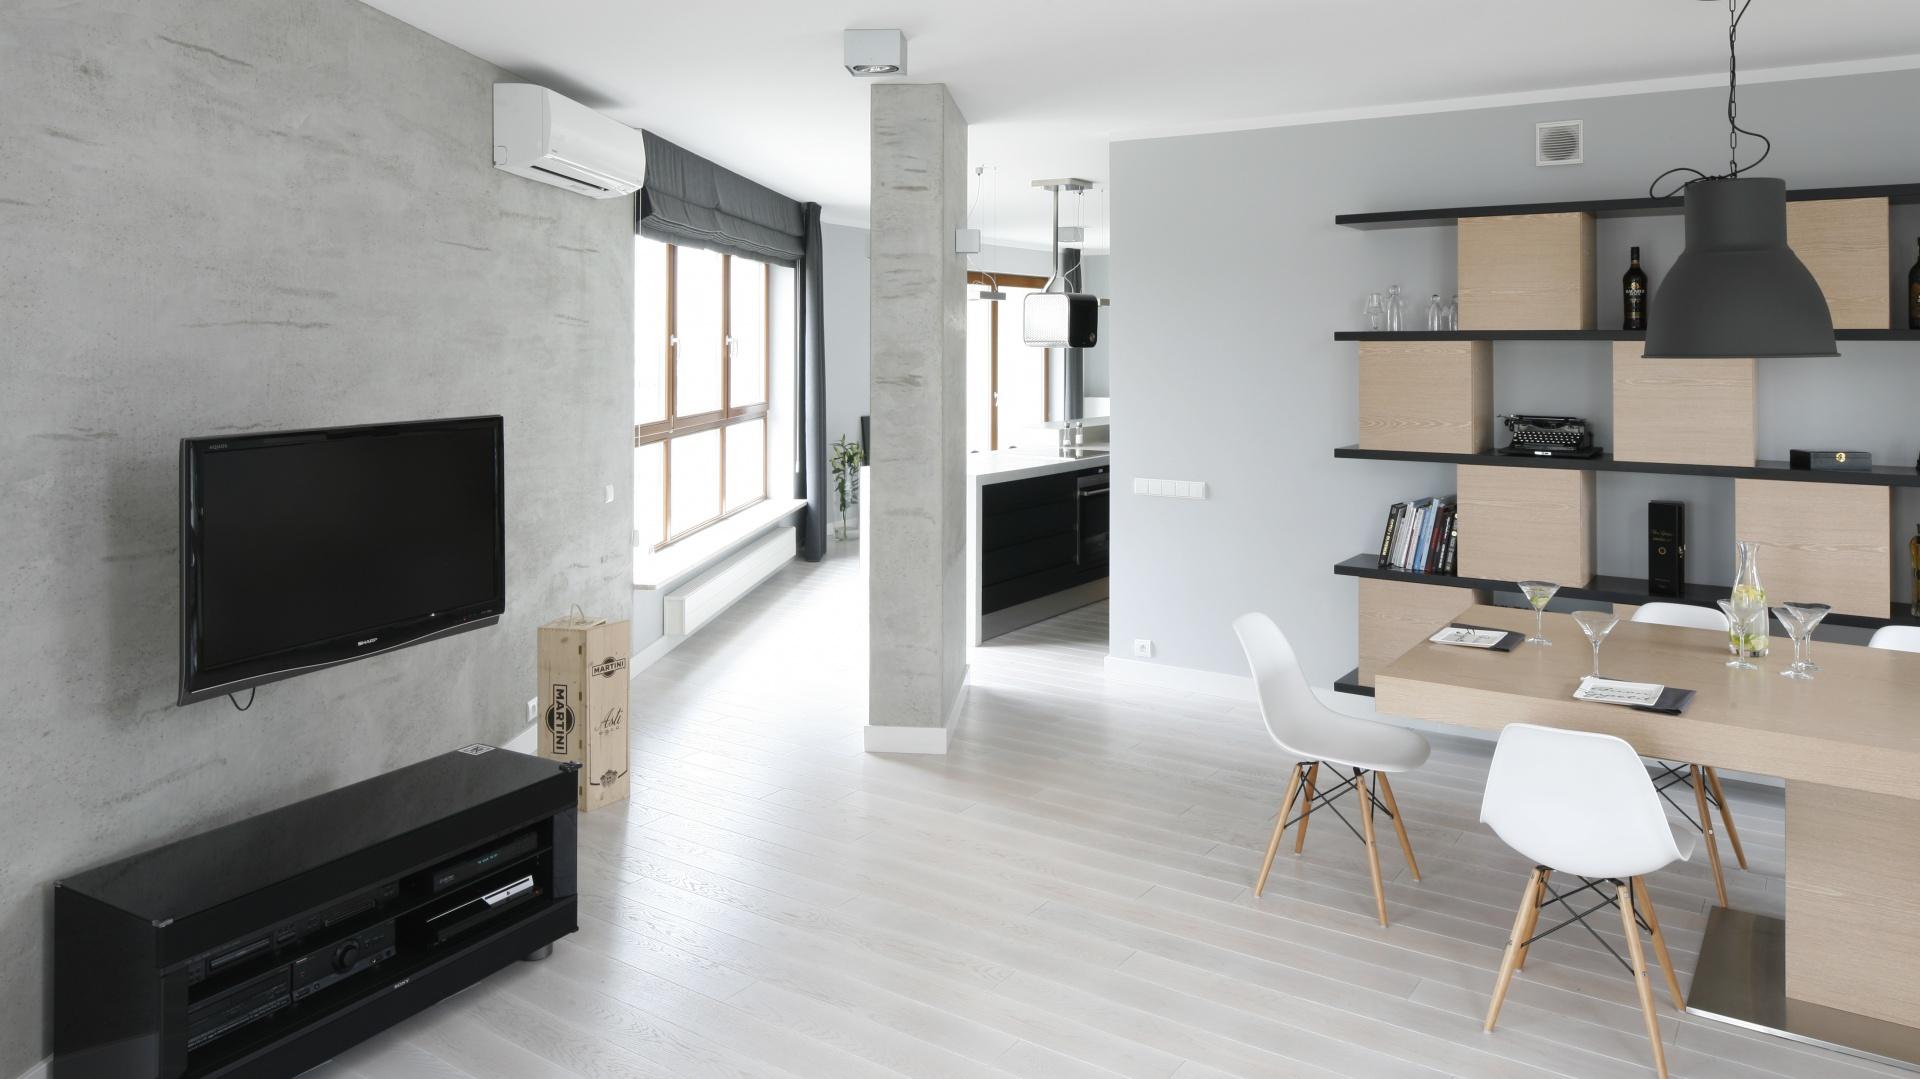 Na ścianie za TV oraz dalej, na kolumnie sąsiadującej z kuchnią położono betonową strukturę, która podkreśla surowy charakter minimalistycznej aranżacji salonu. Projekt: Maciejka Peszyńska-Drews. Fot. Bartosz Jarosz